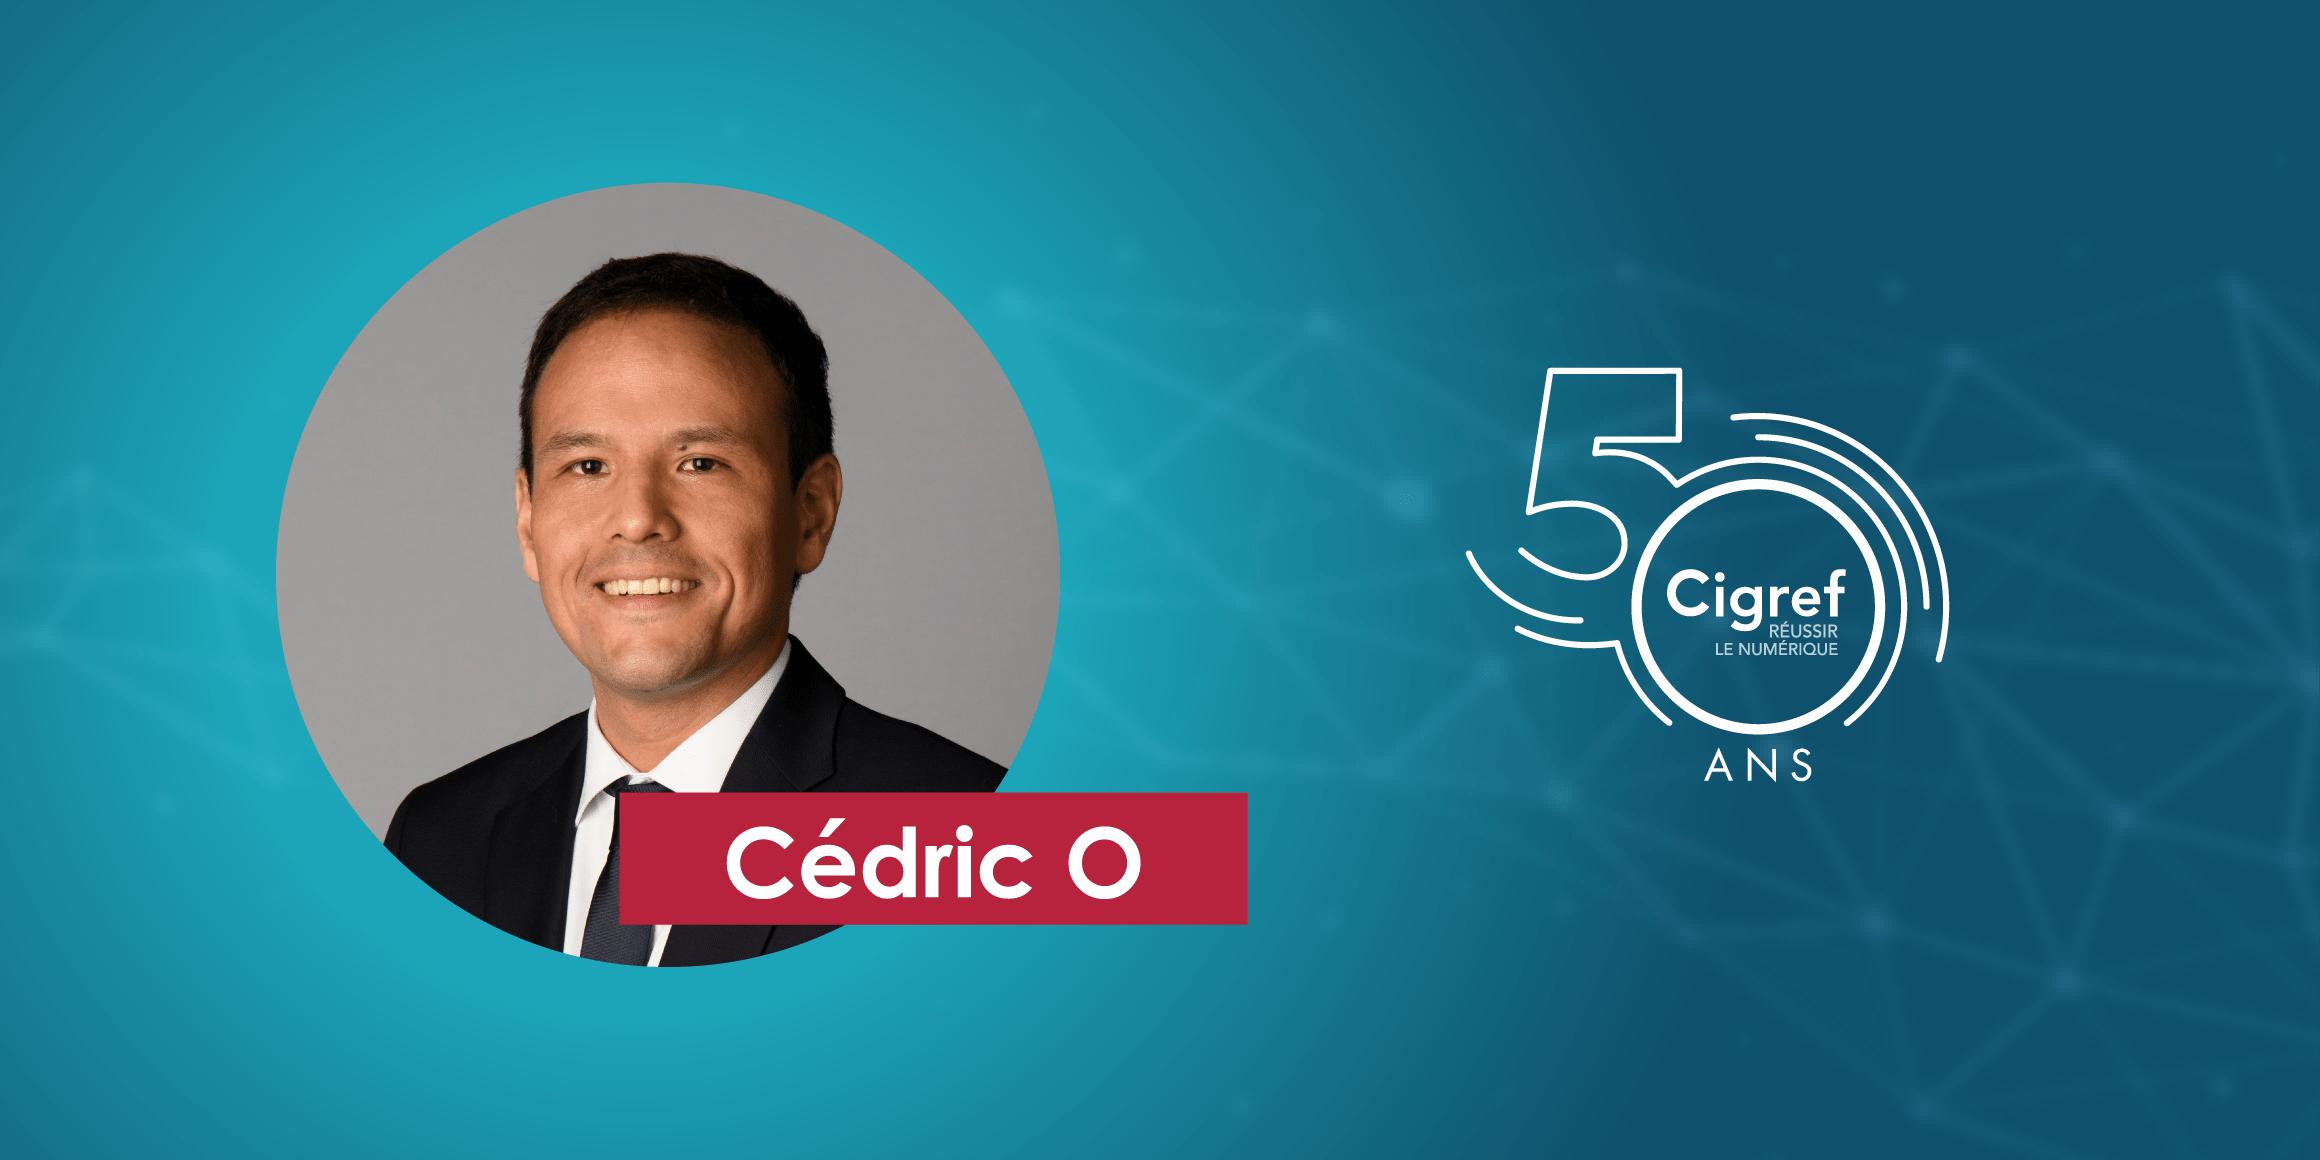 Cédric O adresse un message au Cigref pour ses 50 ans